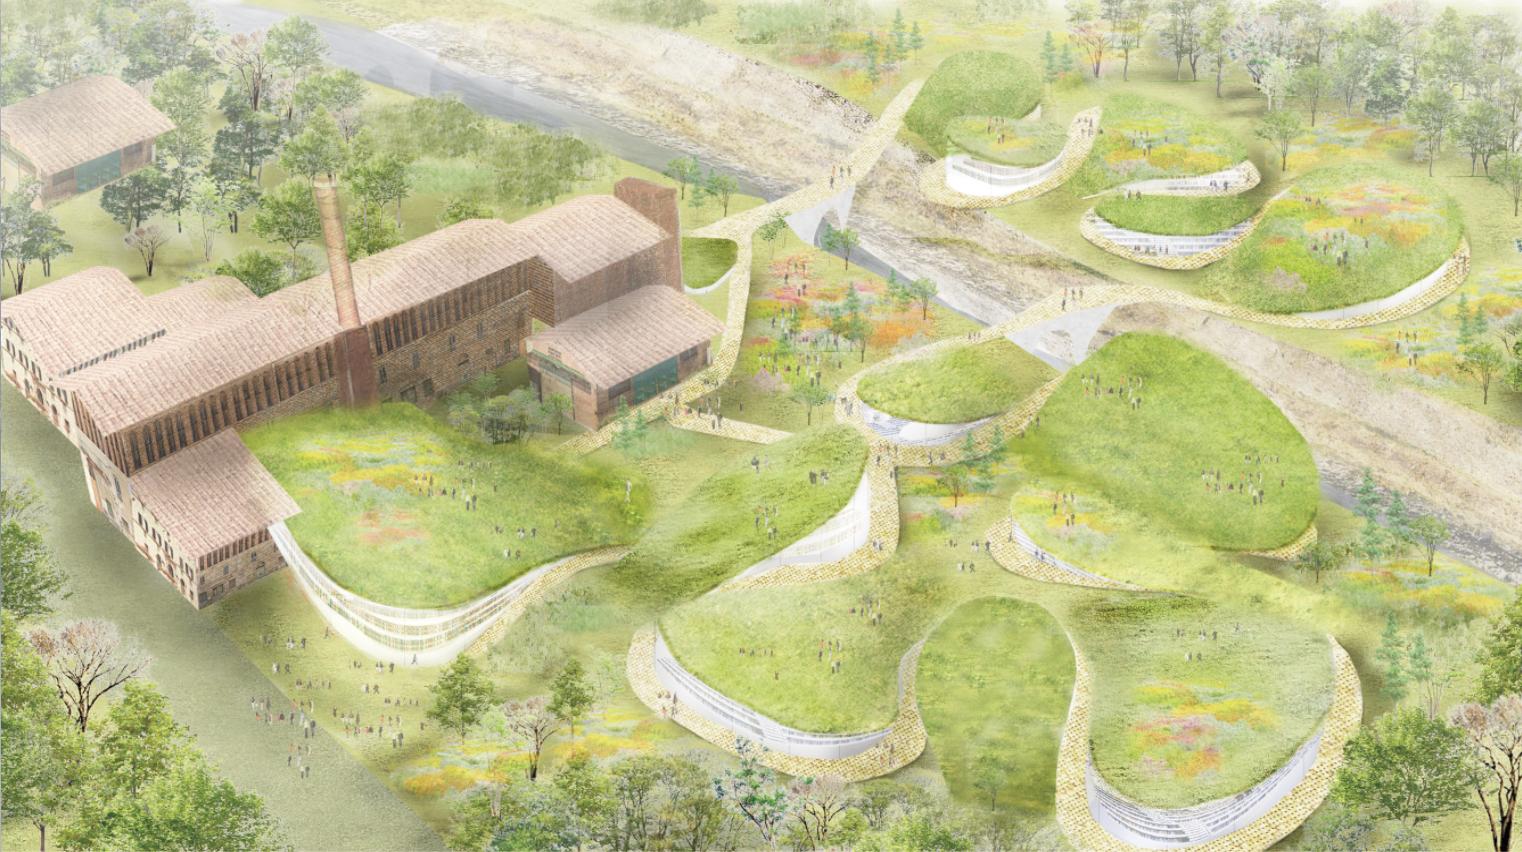 Aichi Institute of Technology Yasui Laboratory